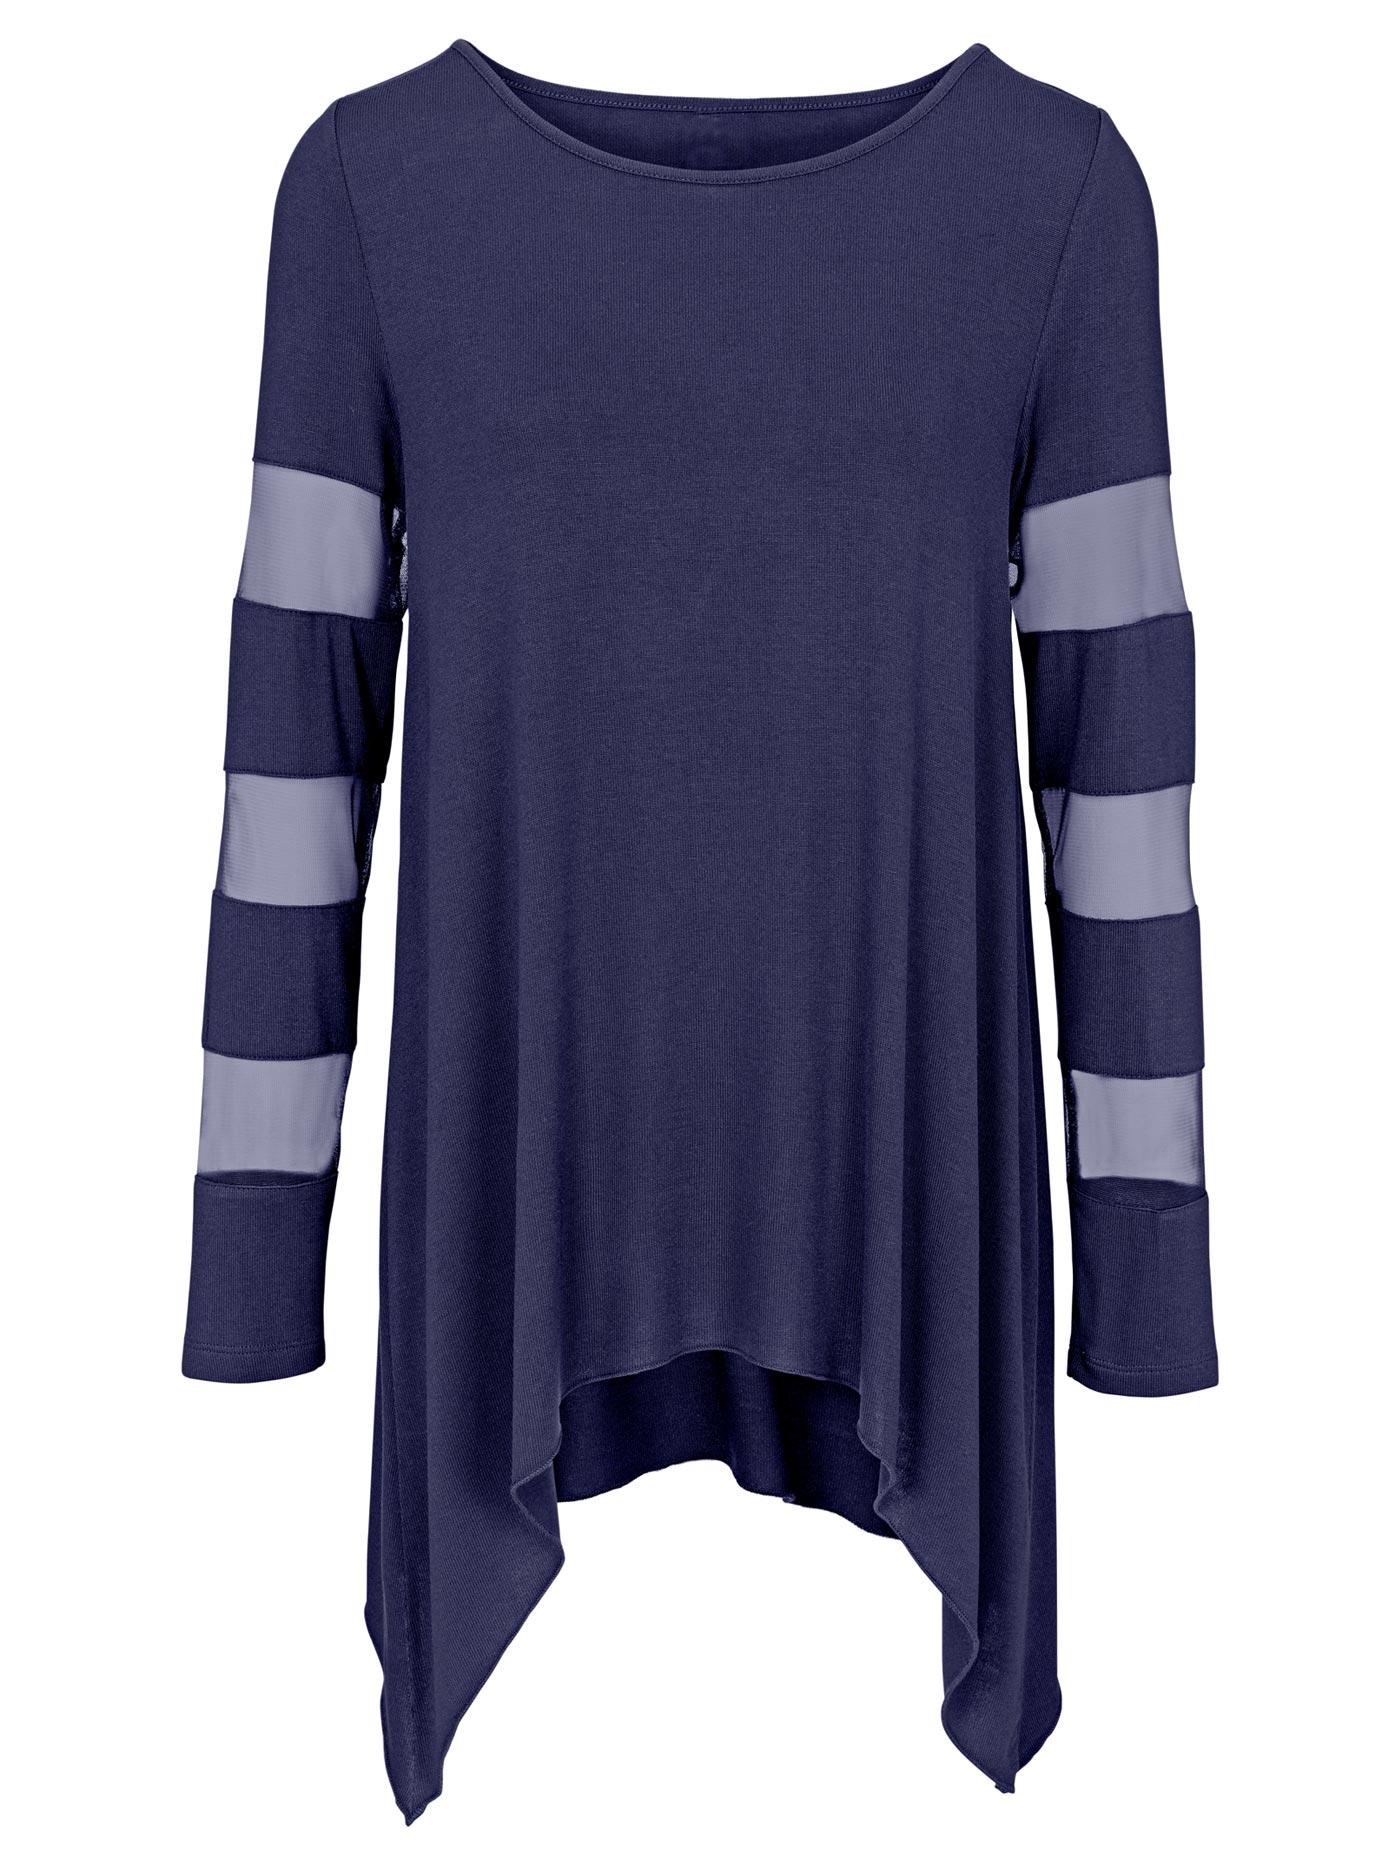 rick cardona by heine - Shirt mit eingesetzten Ärmel